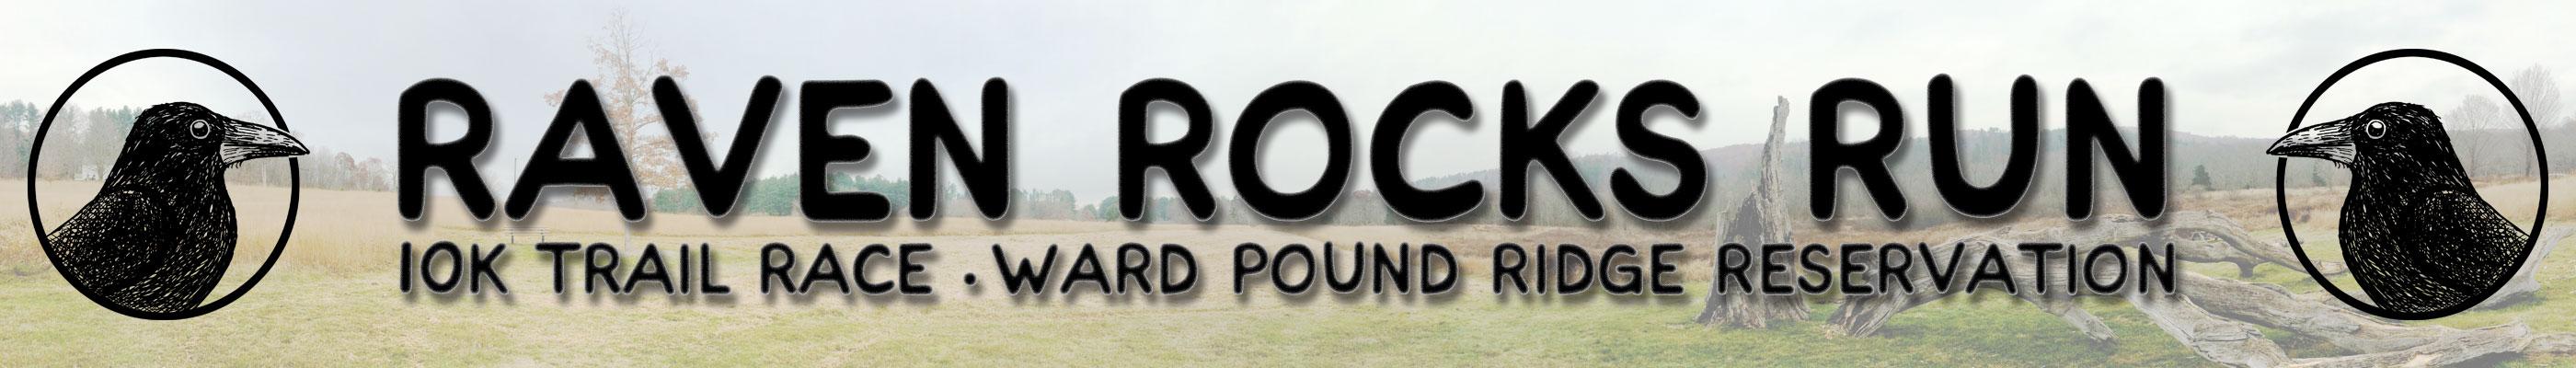 Raven Rocks Run